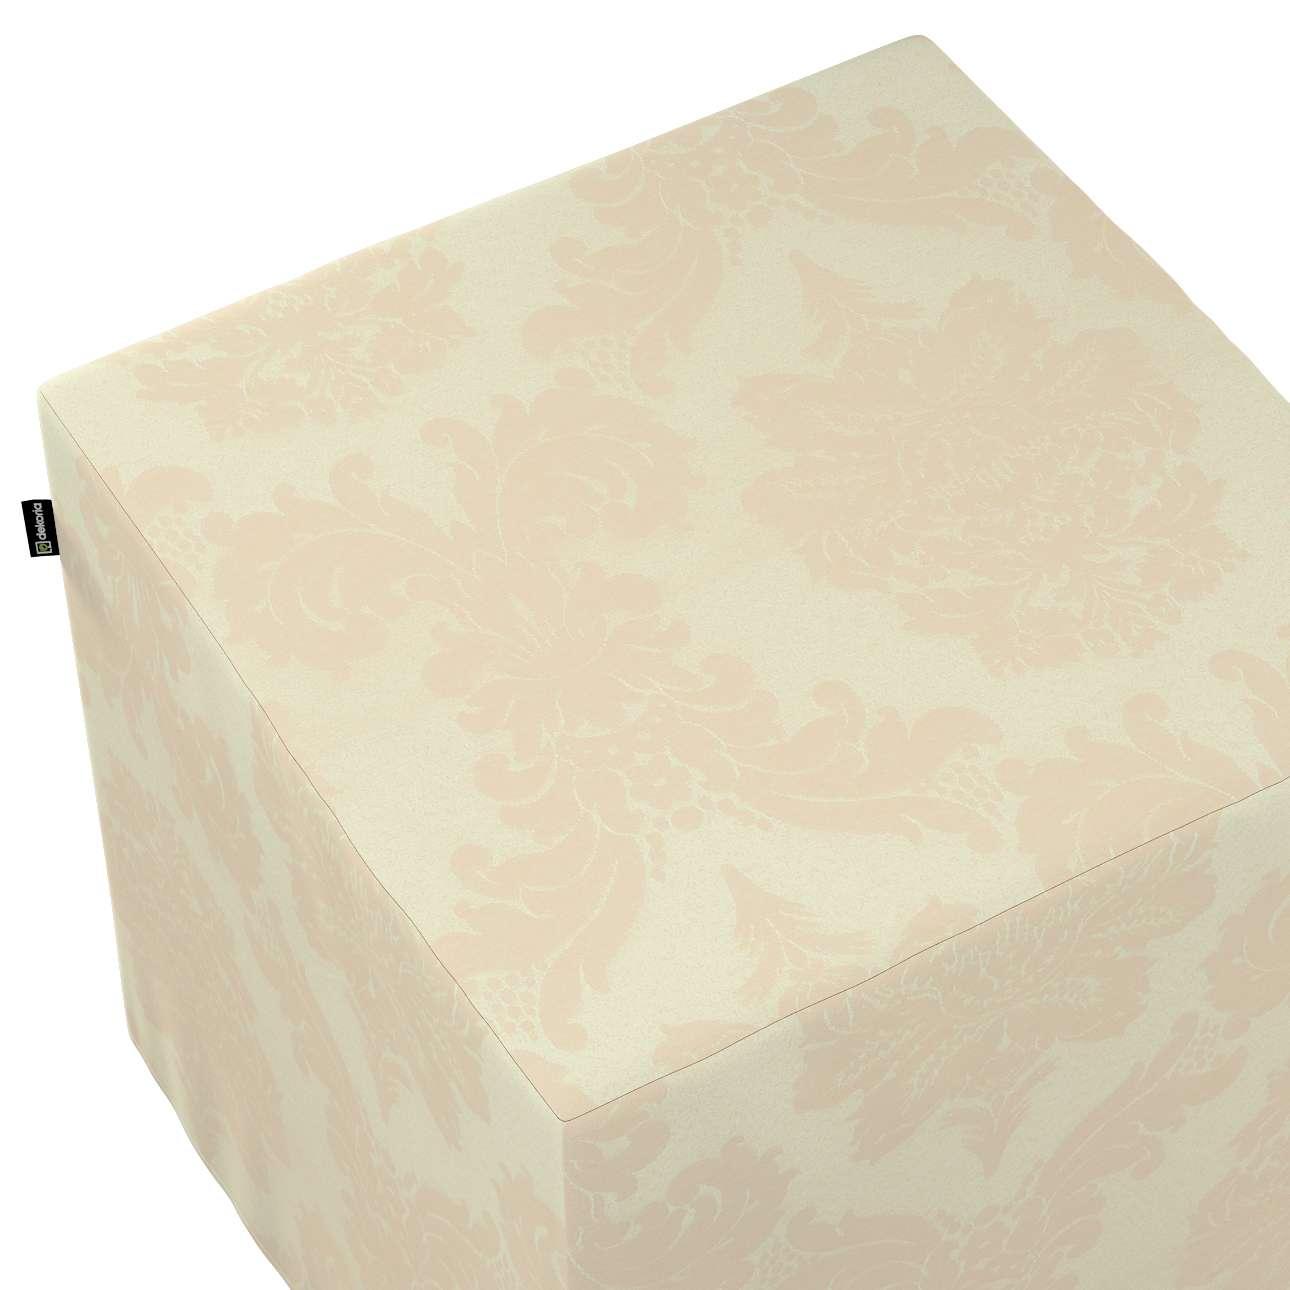 Bezug für Sitzwürfel von der Kollektion Damasco, Stoff: 613-01